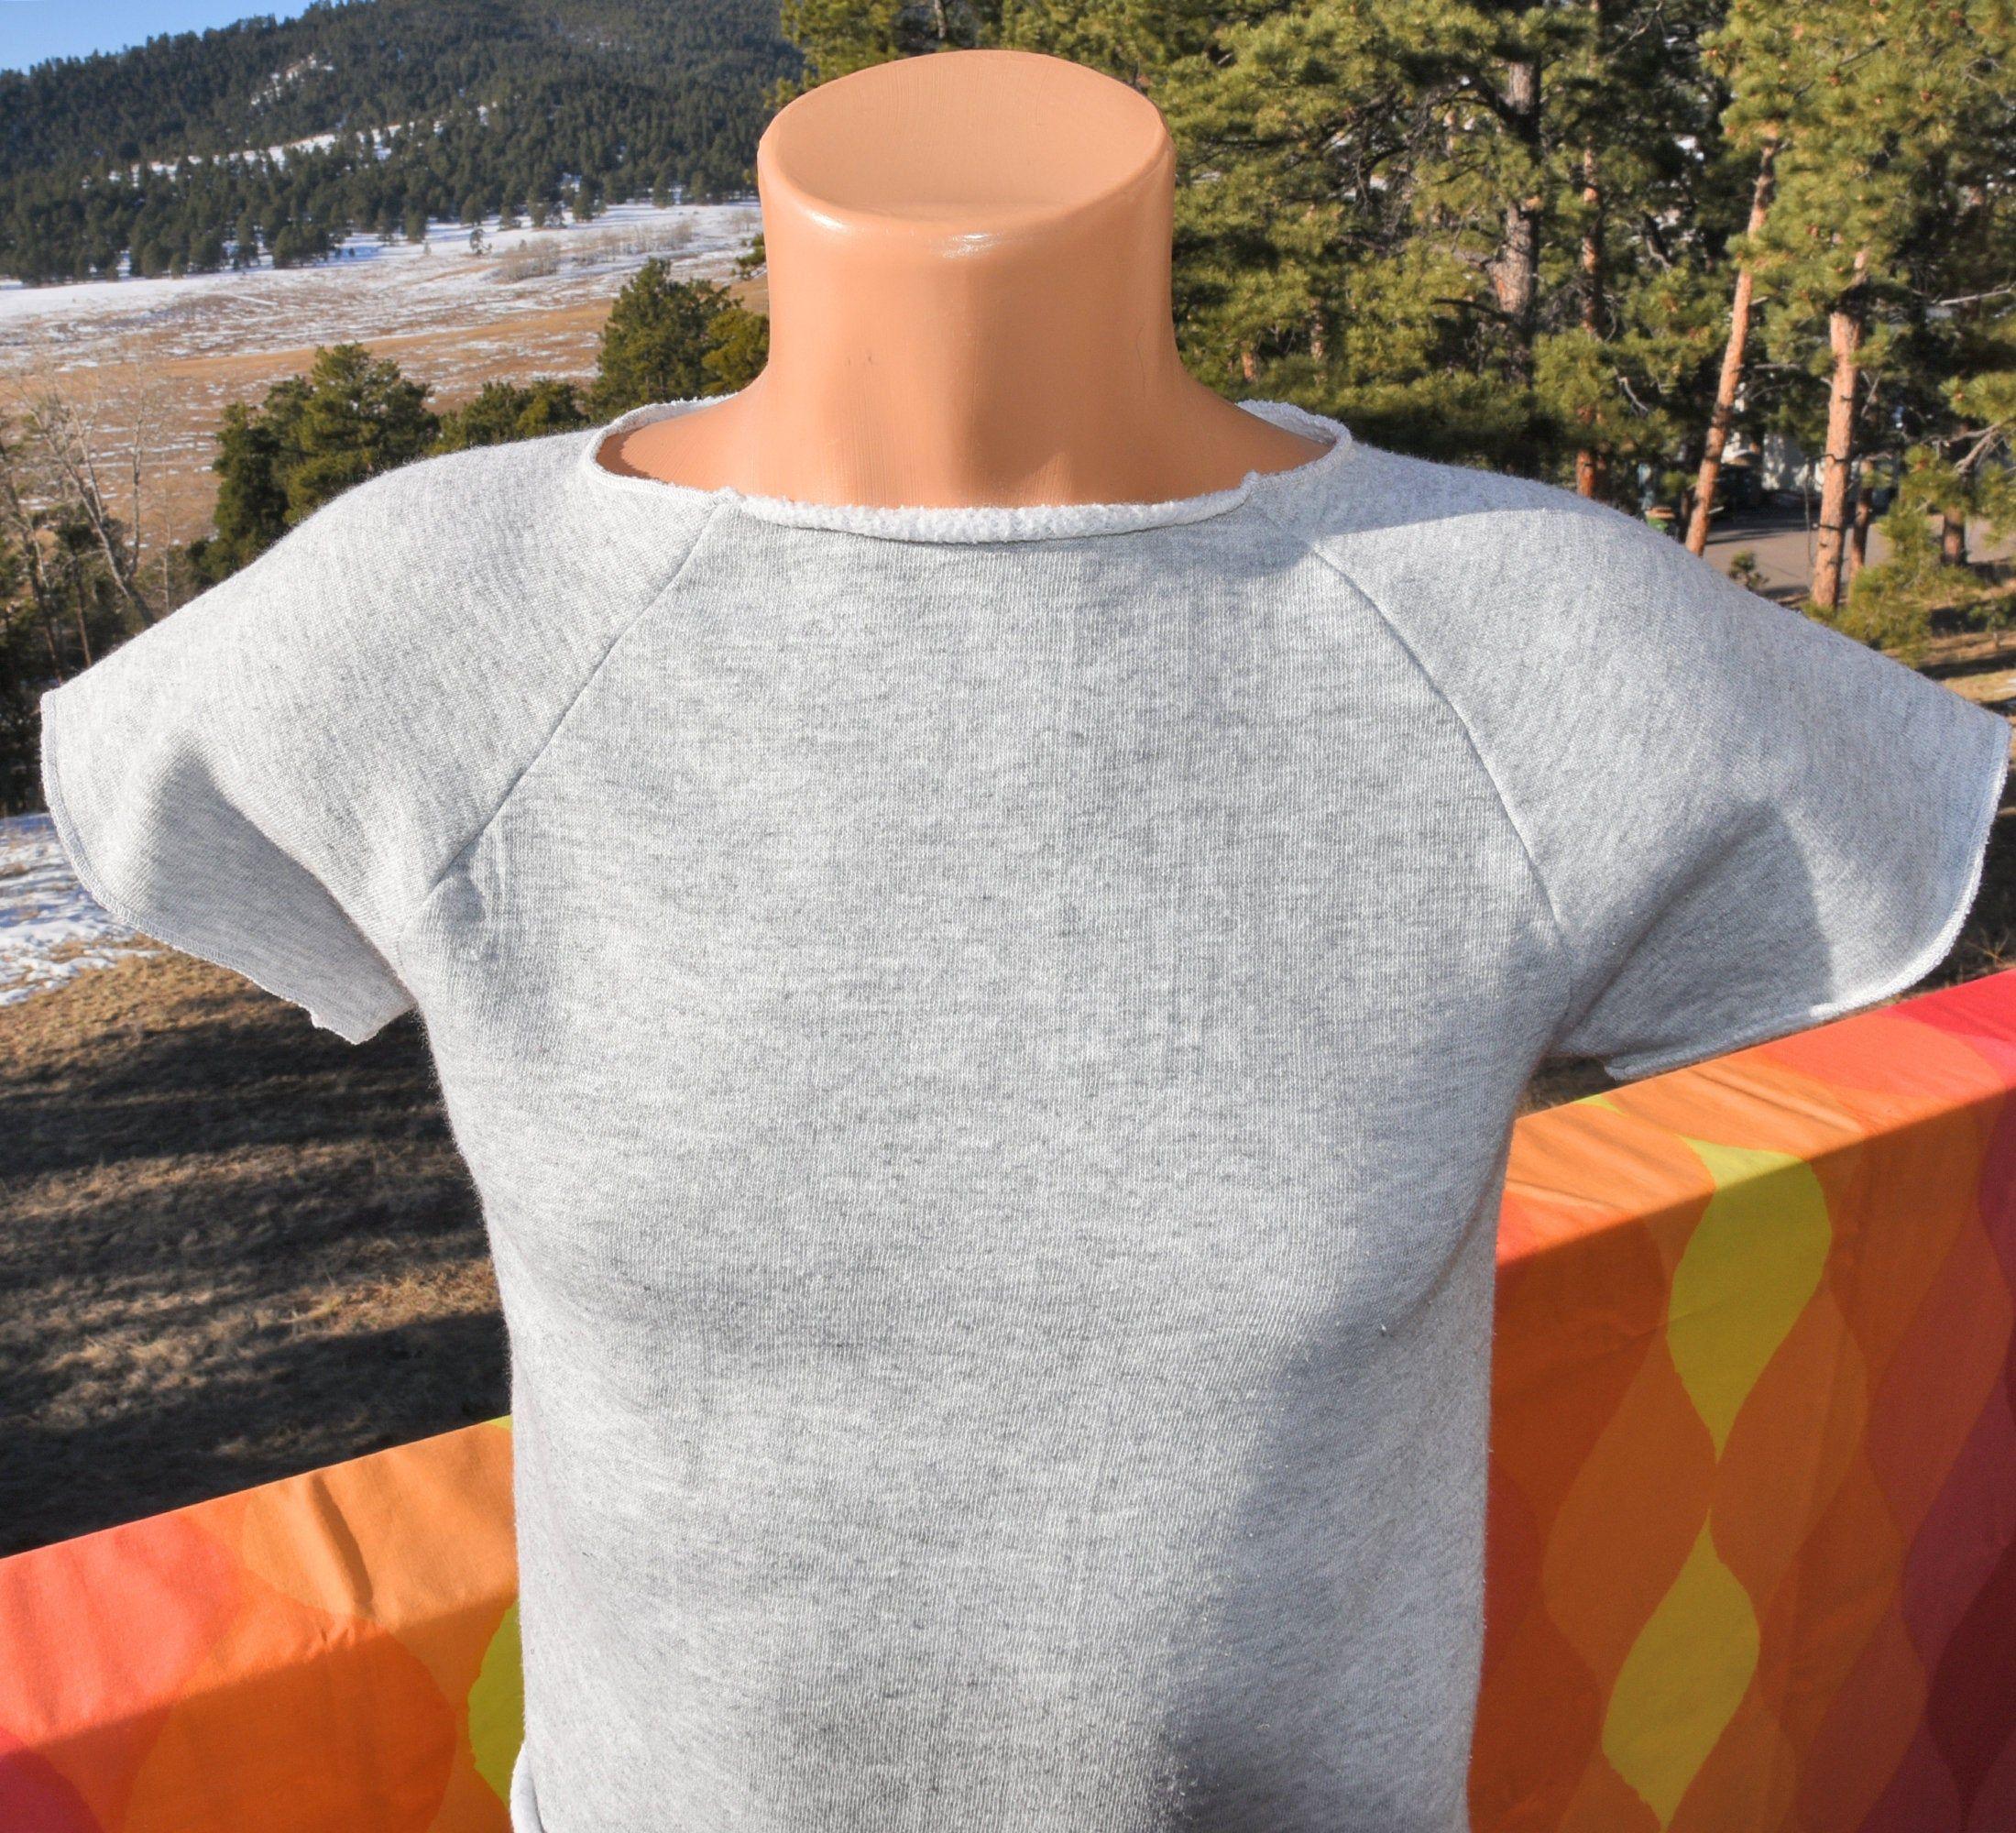 80s Style Sweatshirt Cut